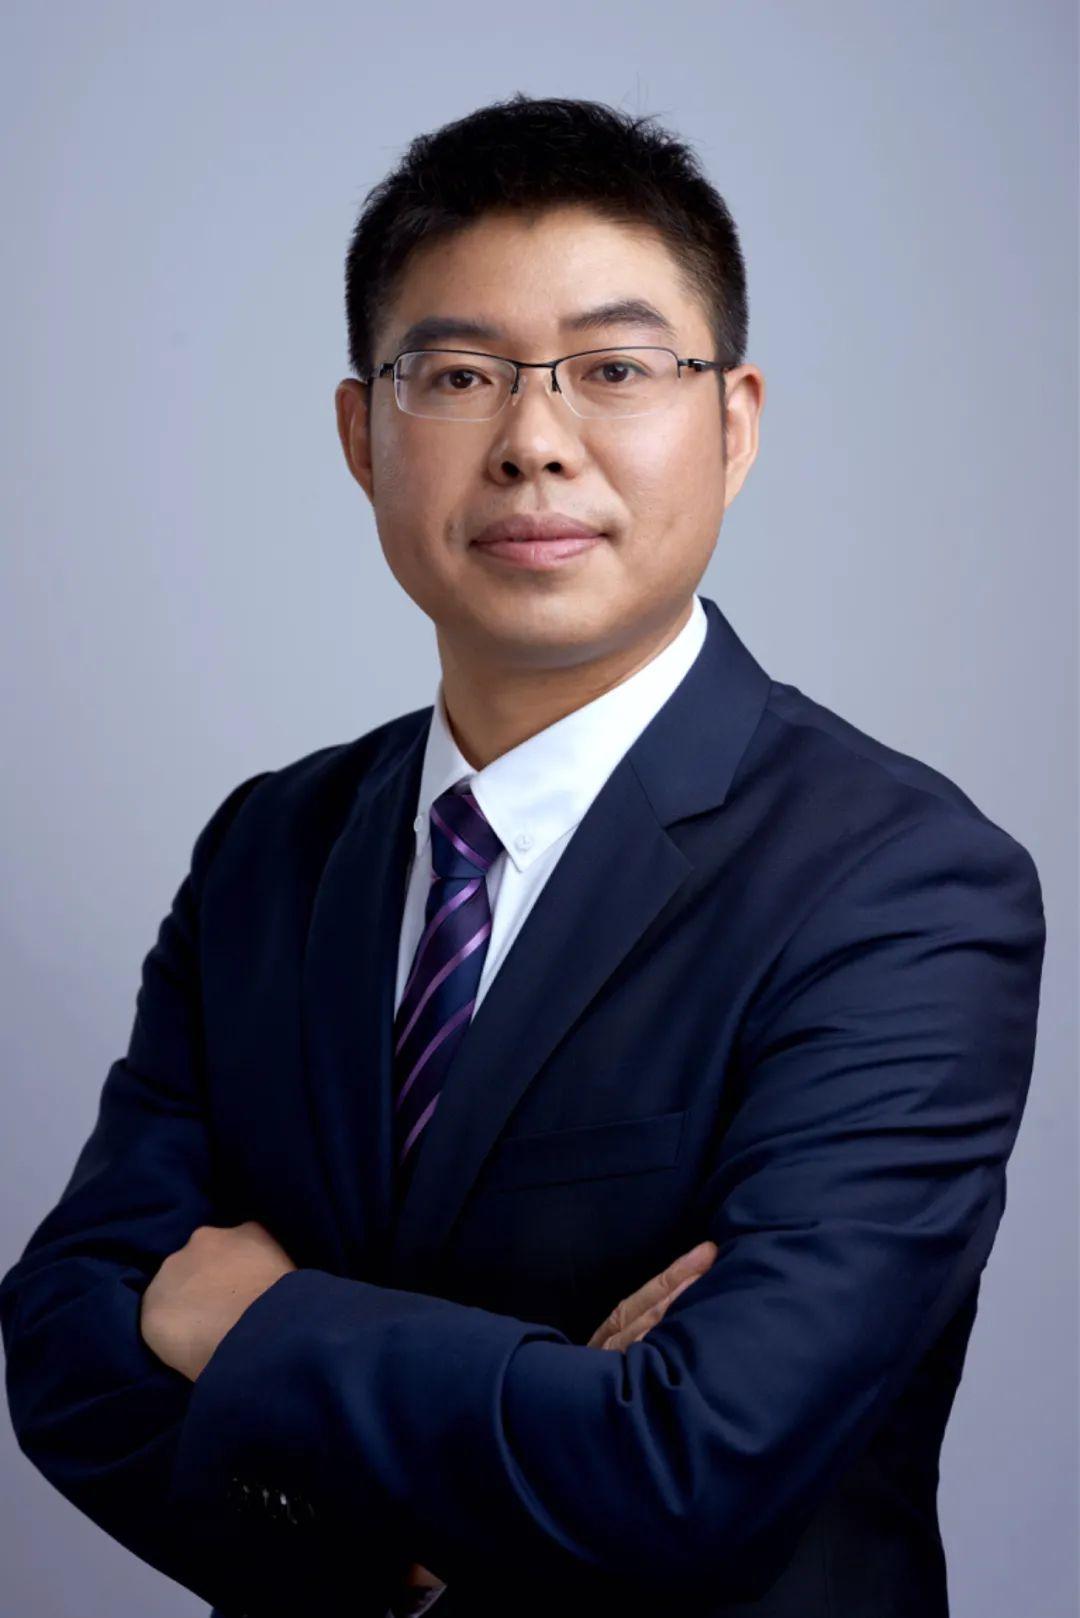 银华基金薄官辉:无名基金经理的苦与乐 尽量做到每笔买入都不亏钱